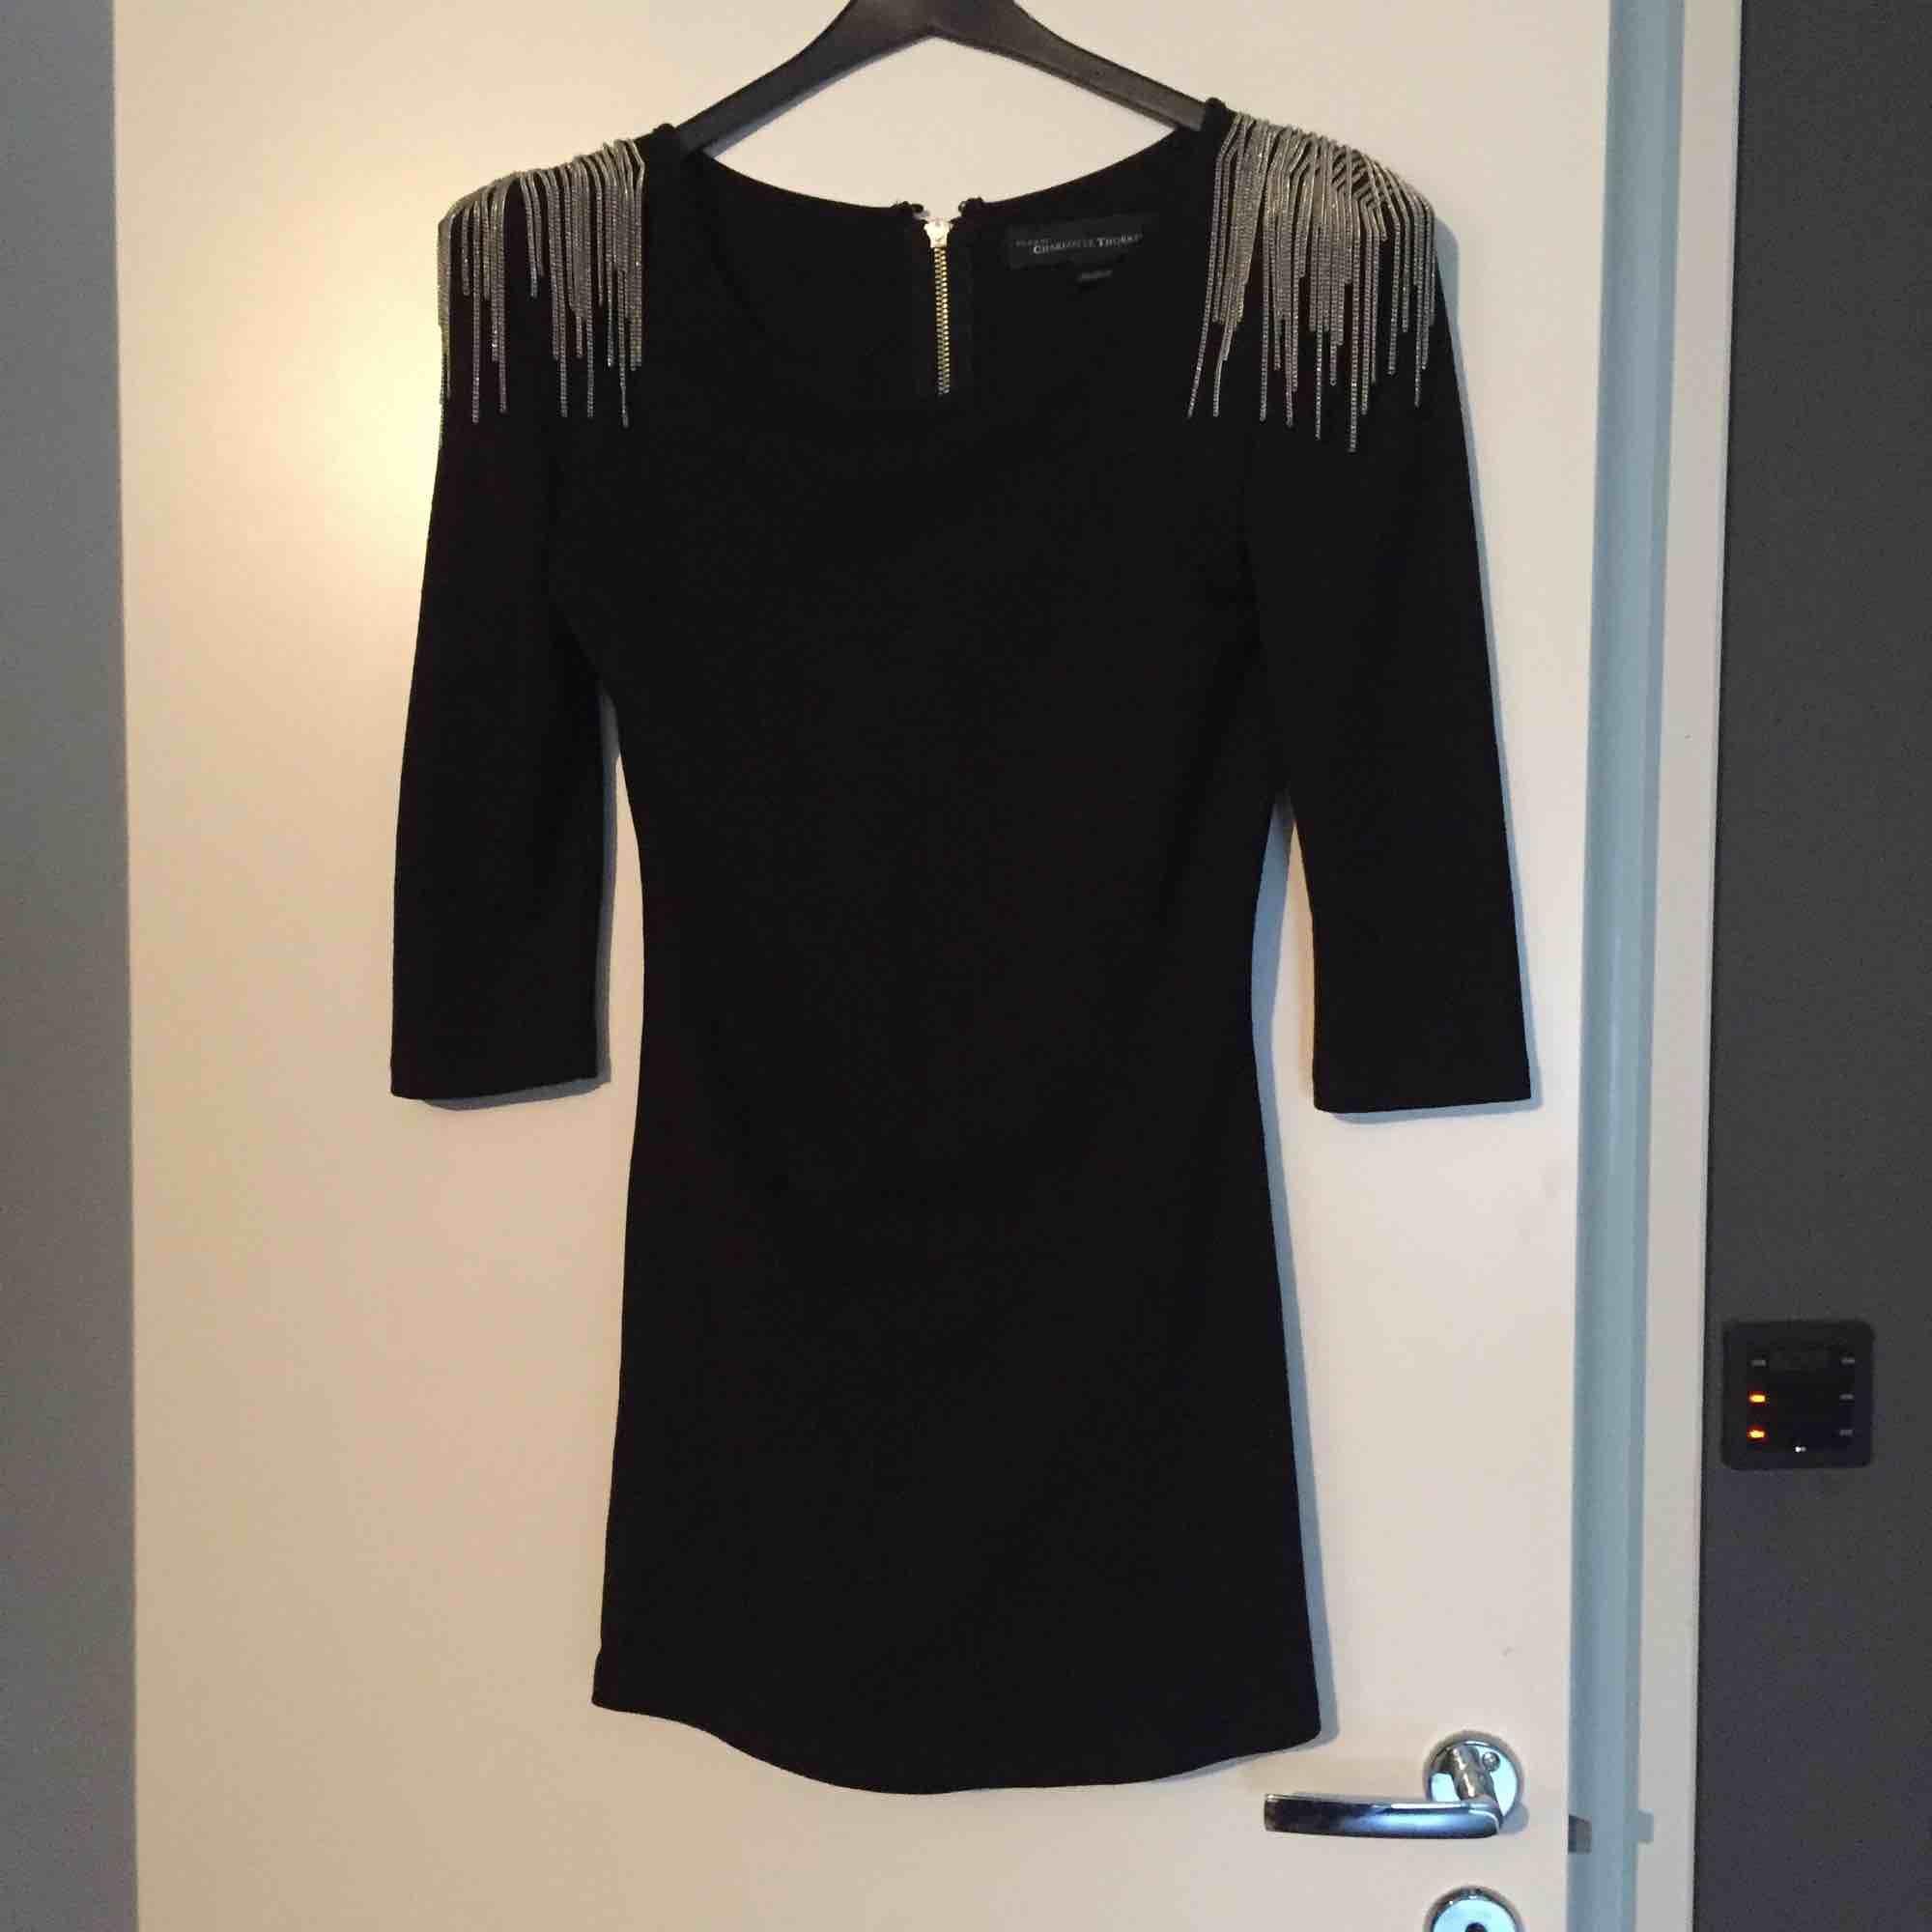 05bb46320aa4 Super snygg klänning från Bik bok, designer kollektion! Använd endast  1gång.. slimmad ...